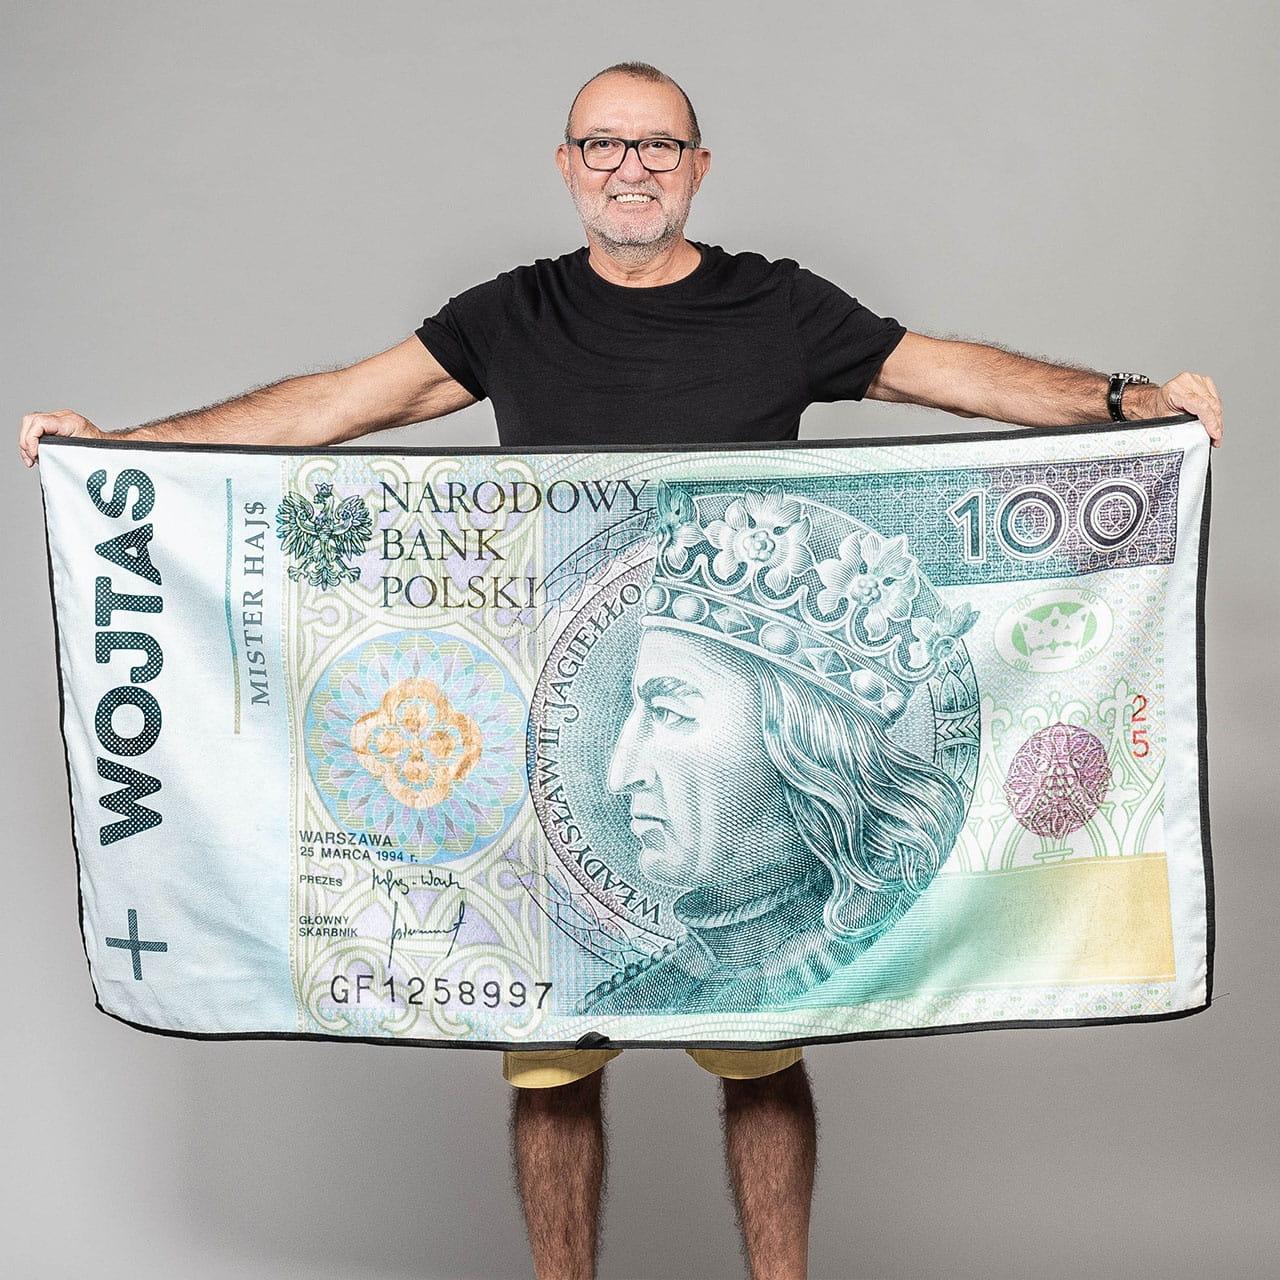 Ręcznik, czyli przydatny prezent na Dzień Chłopaka